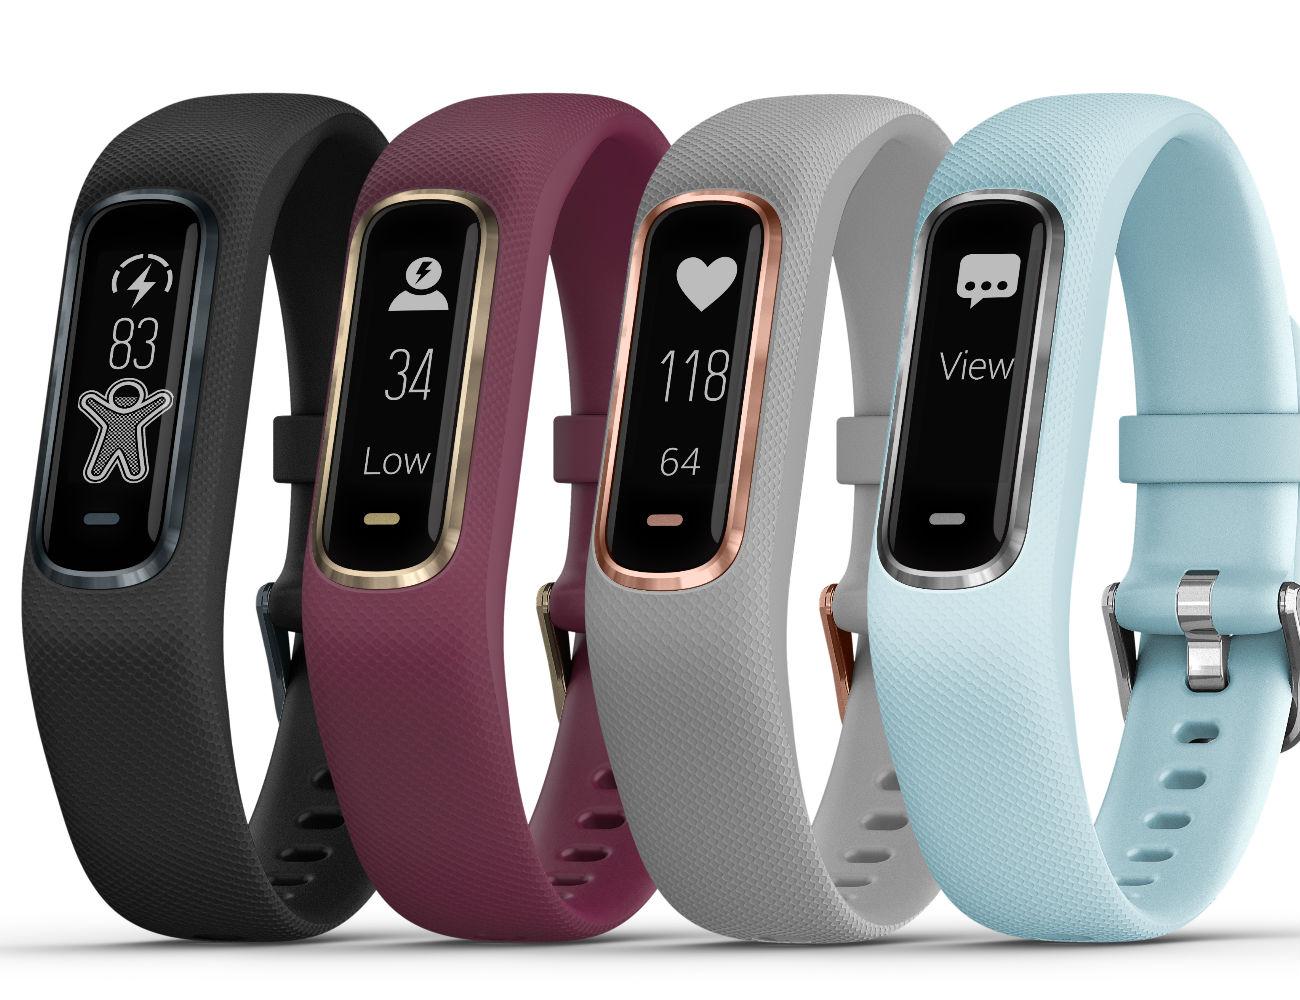 Garmin Vivosmart 4 Activity Tracker